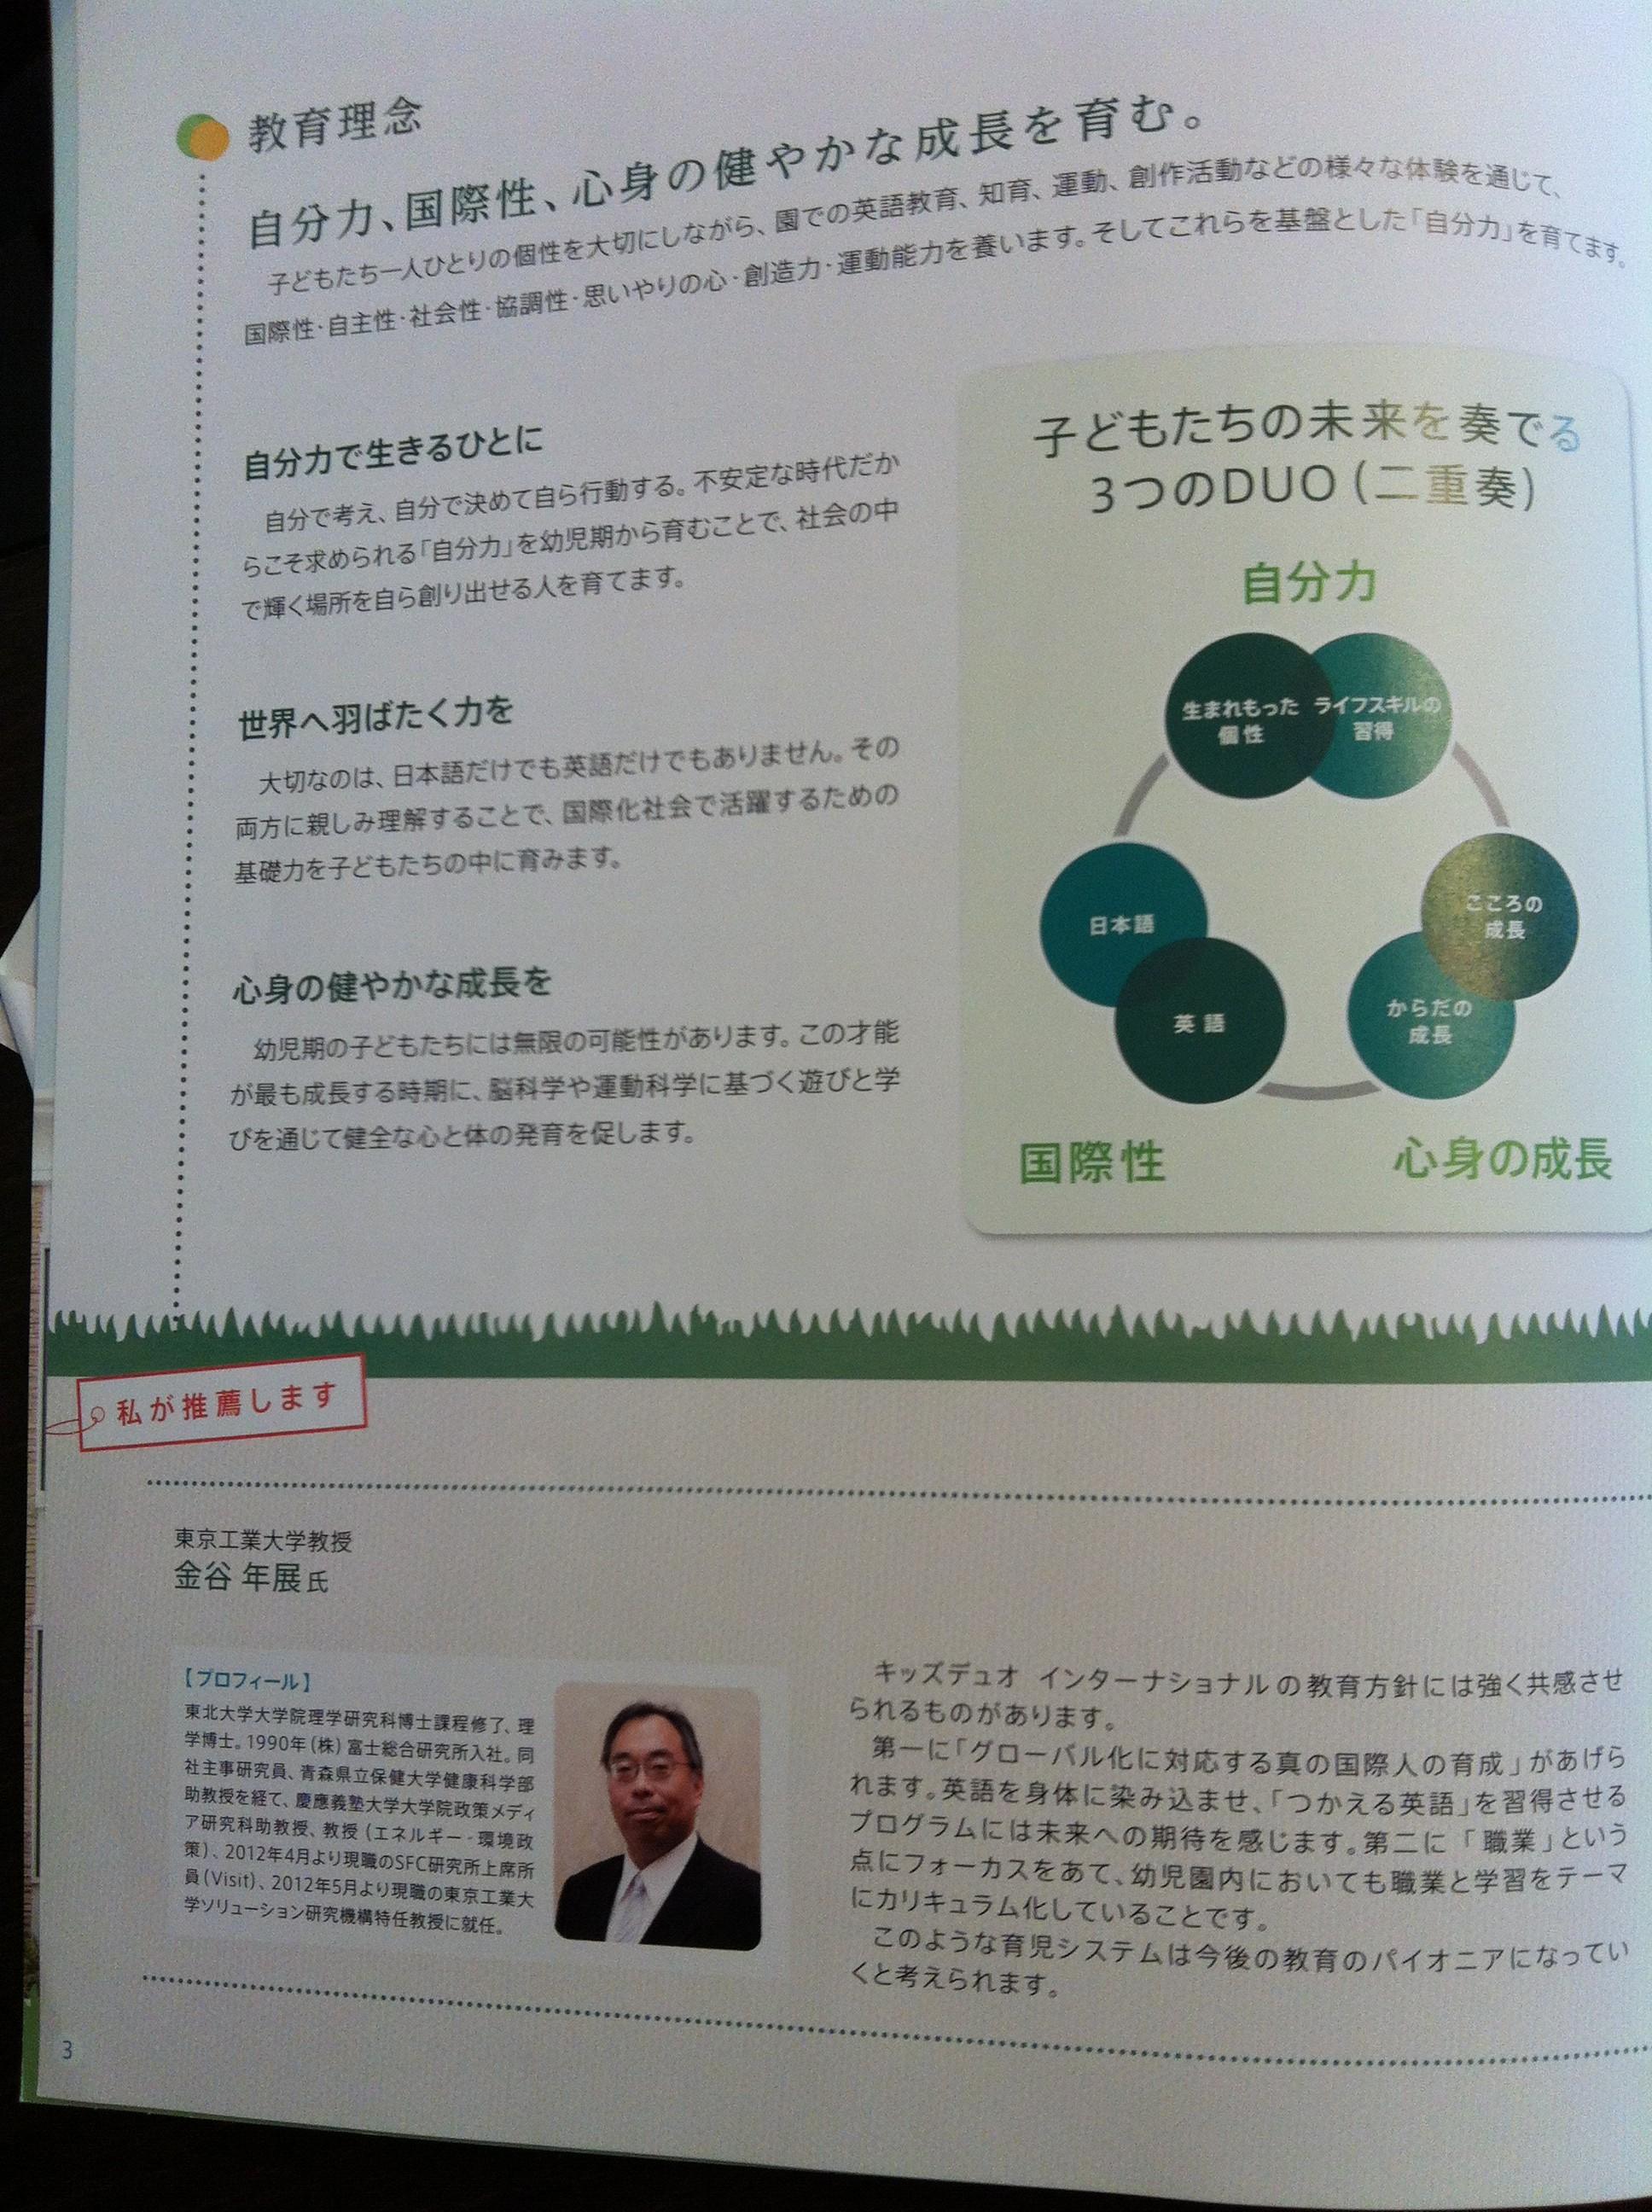 キッズデュオ(kids duo)の説明会で配られたパンフレット3ページ目の画像キャプチャ